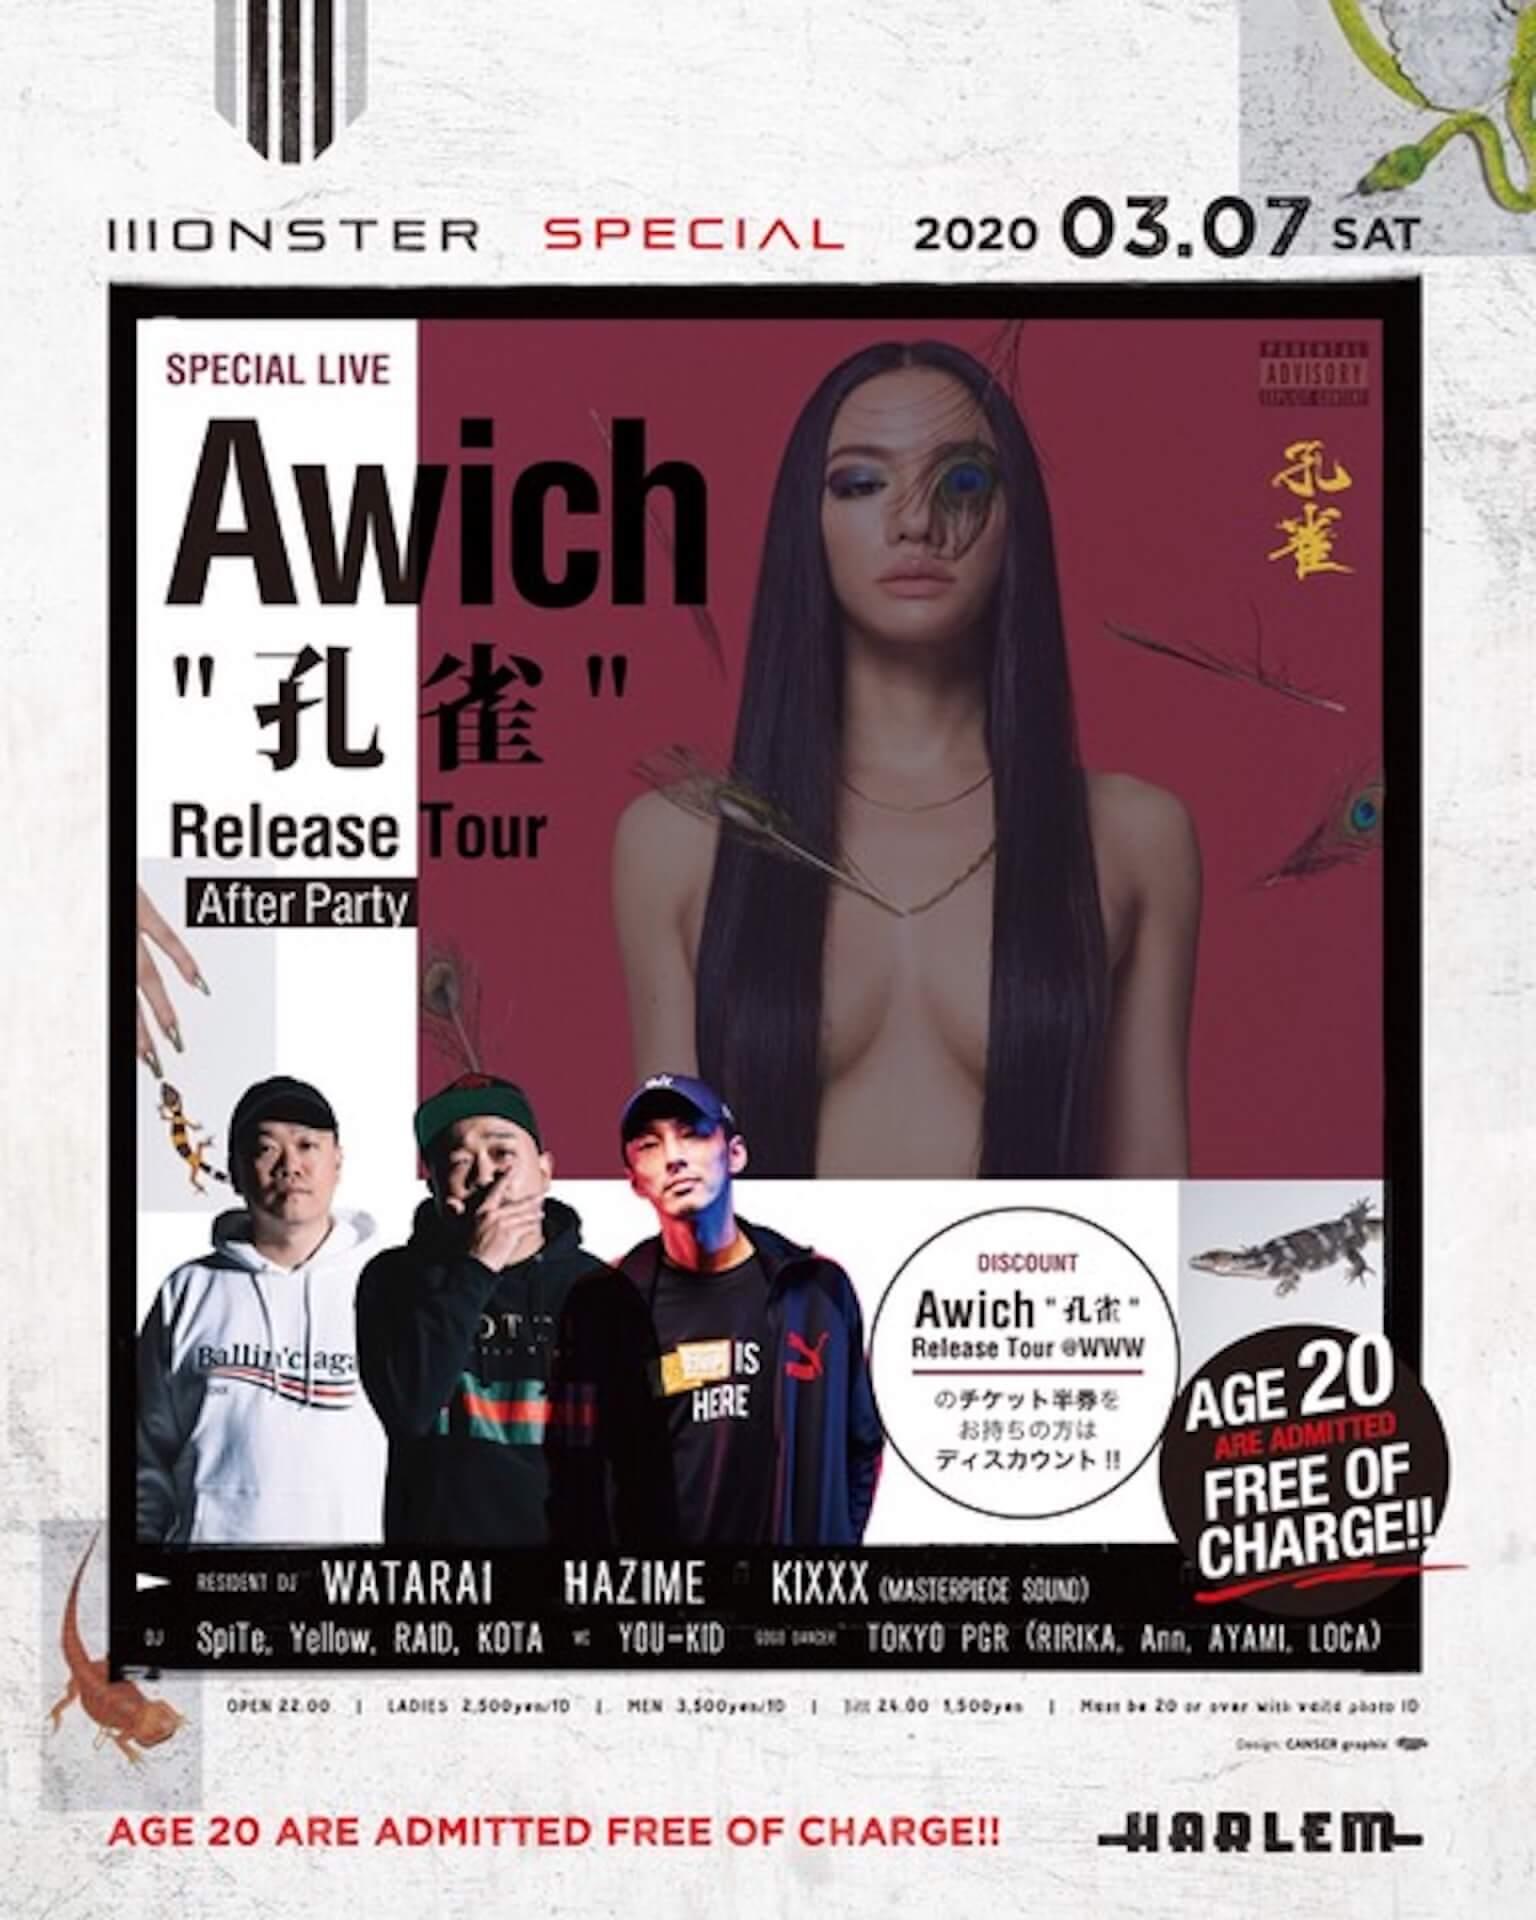 ストリートなイベント【東京】Awich 孔雀 Release Tour 渋谷追加公演 東京公演のSOLD OUTを受け、追加公演の開催が発表!